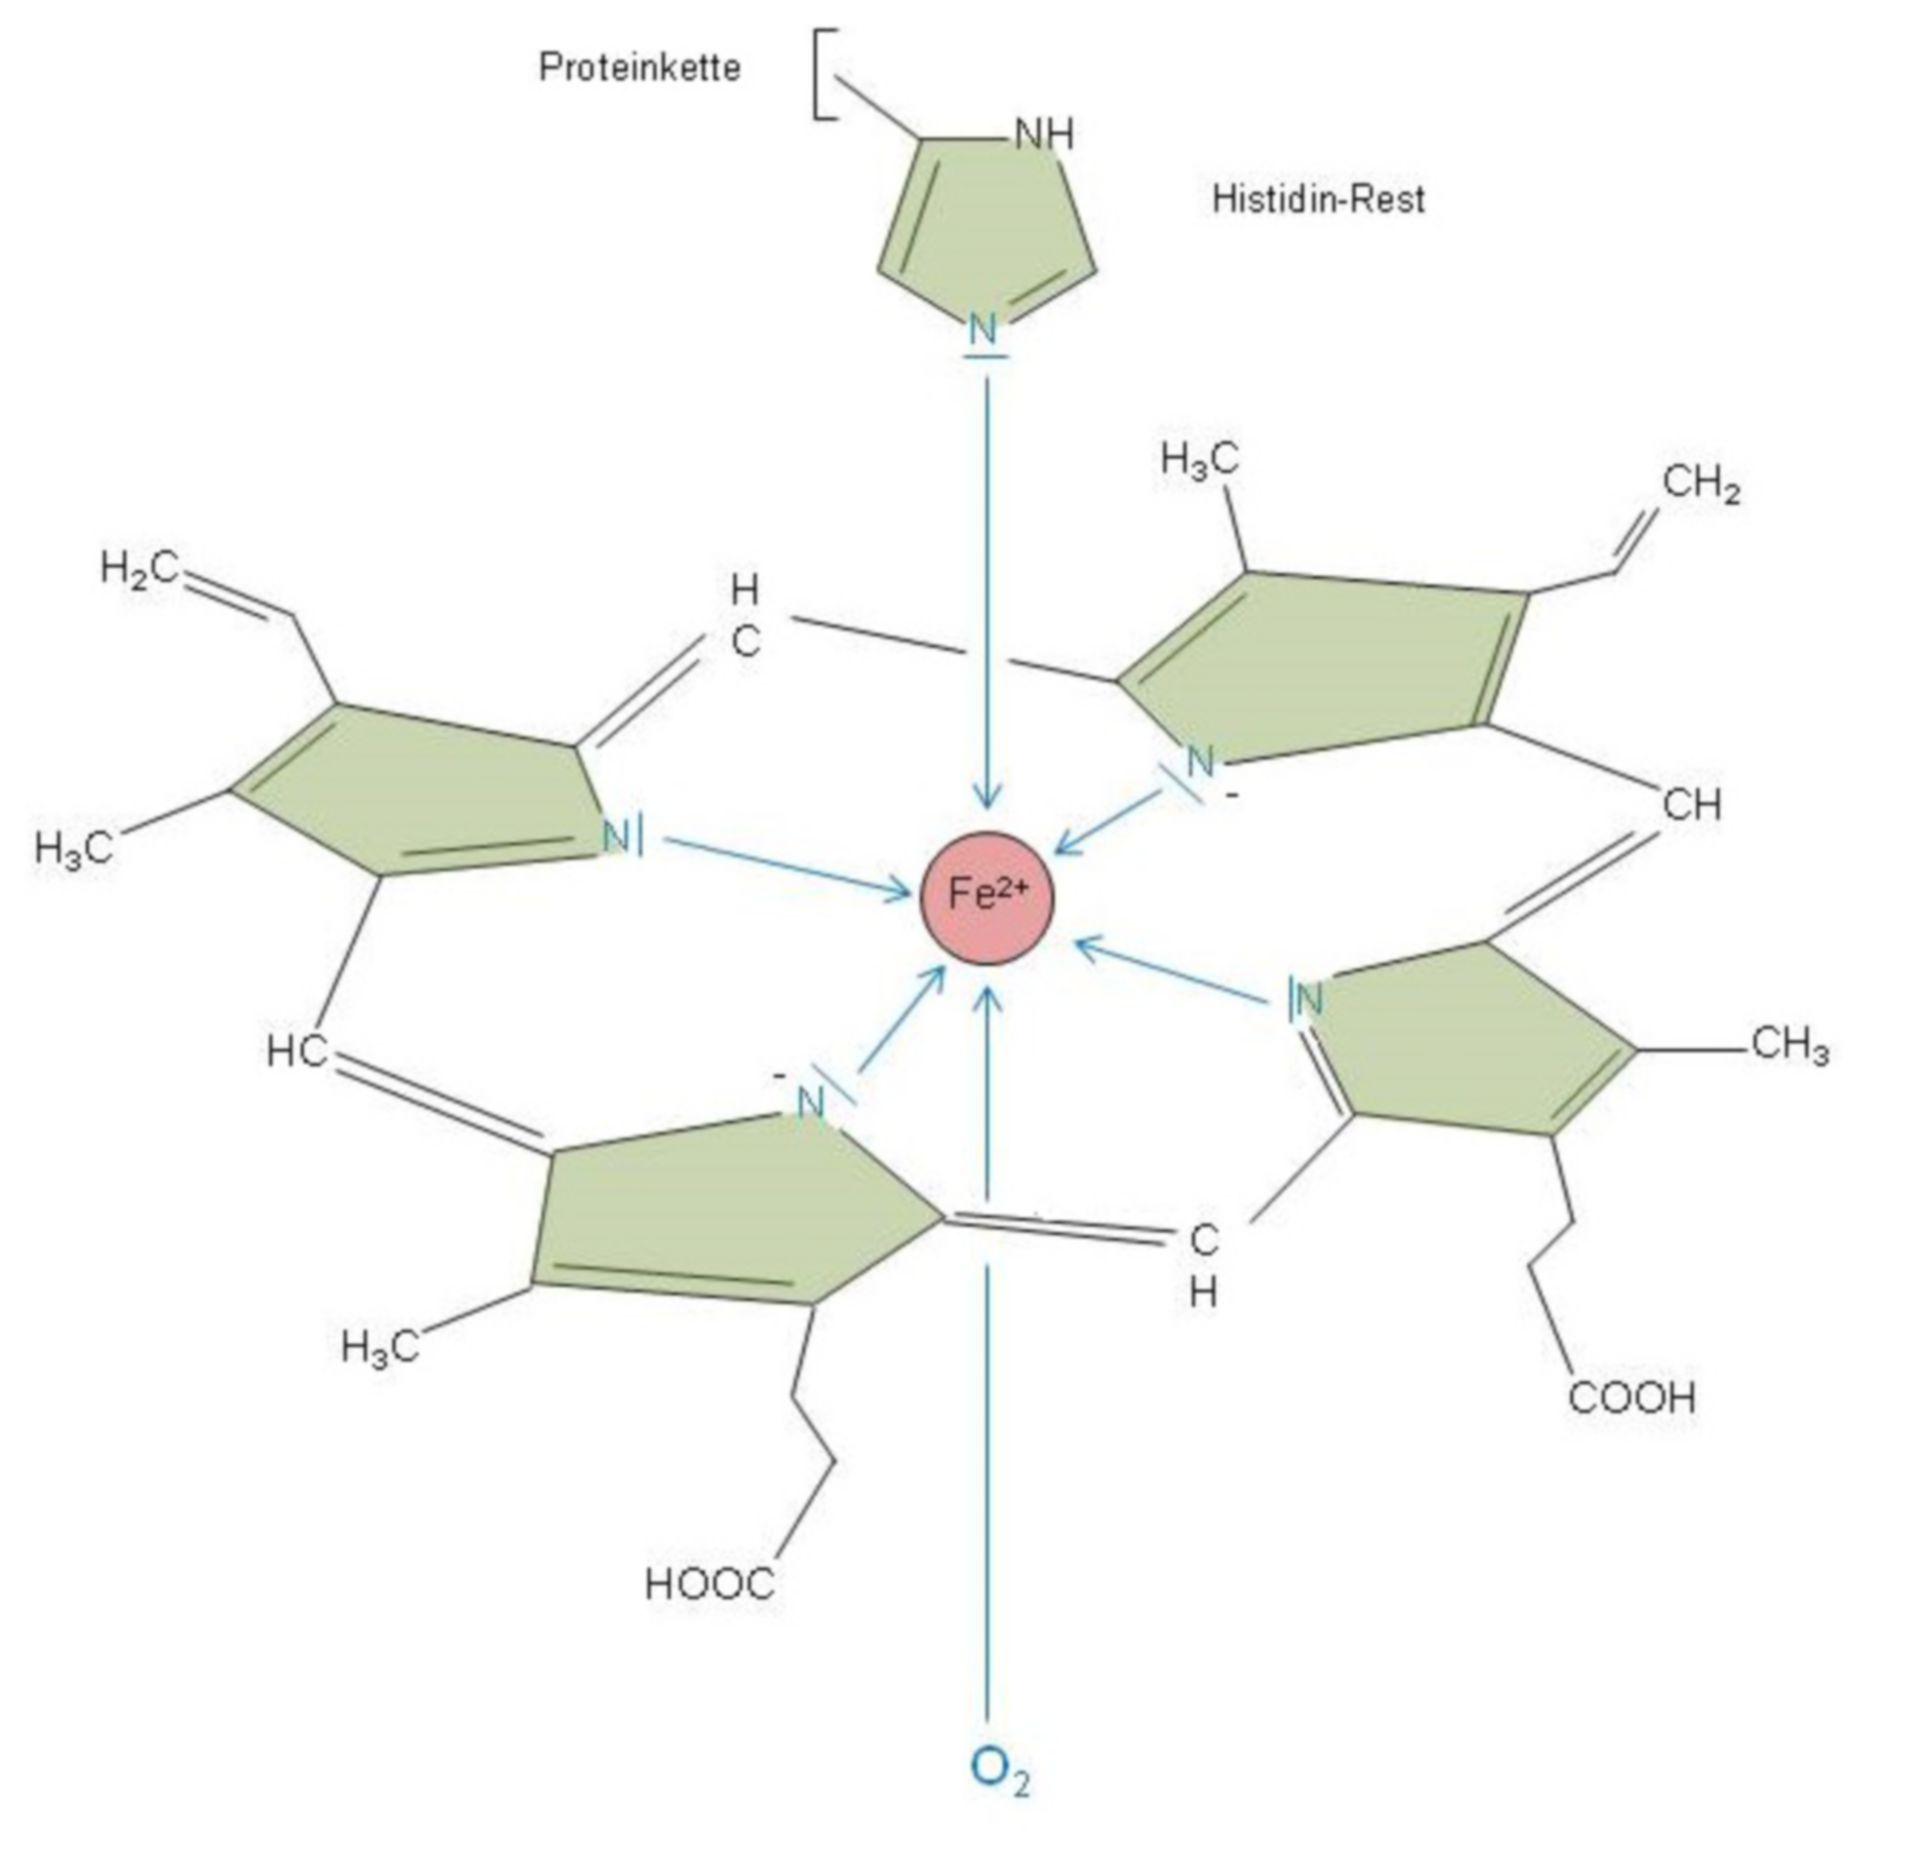 Struktur des Häms mit den zusätzlichen Liganden im Hämoglobin